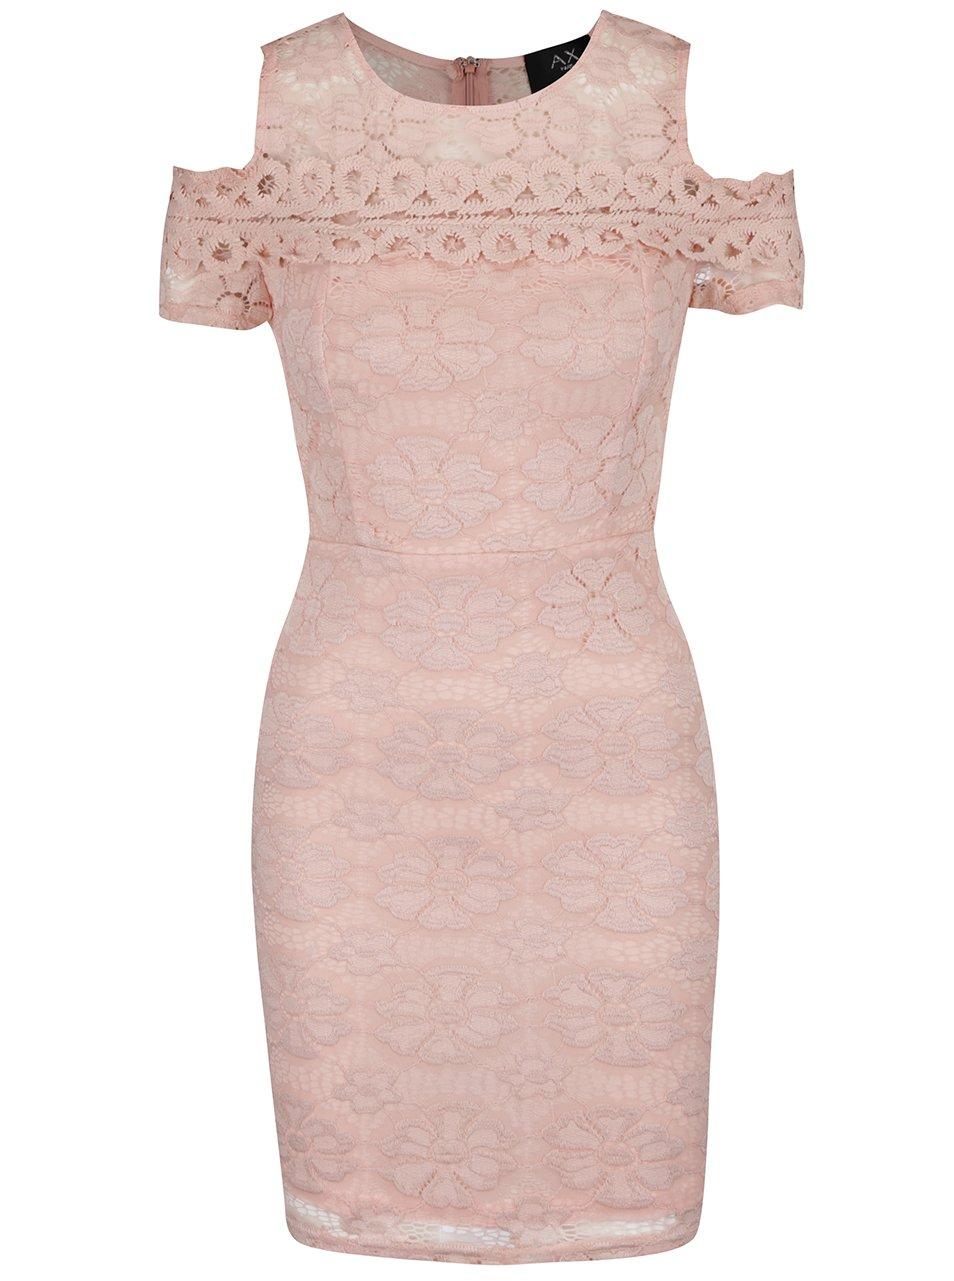 7e973f69d7c3 Ružové čipkované šaty s prestrihmi na ramenách AX Paris